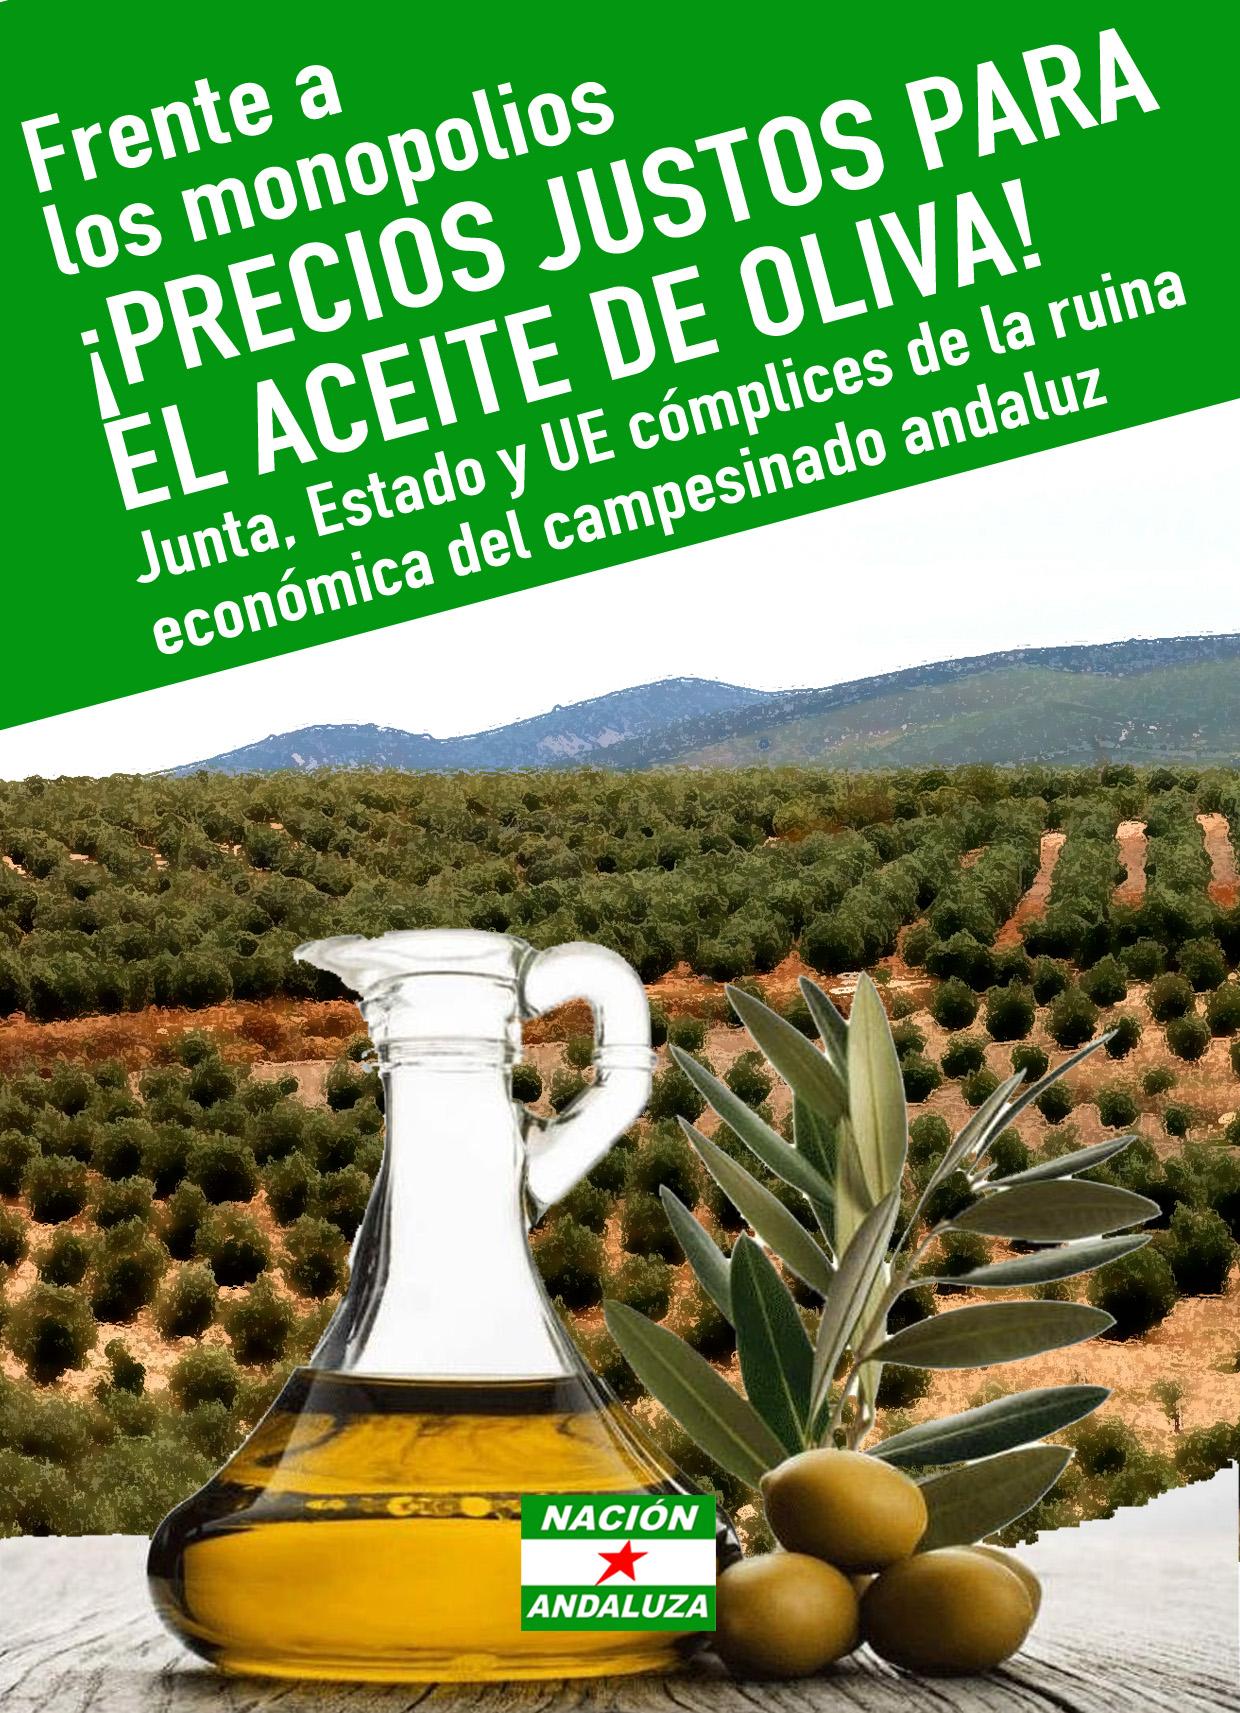 Nación Andaluza ante la crisis del sector oleícola: FRENTE A LOS MONOPOLIOS ¡PRECIOS JUSTOS PARA EL ACEITE DE OLIVA!